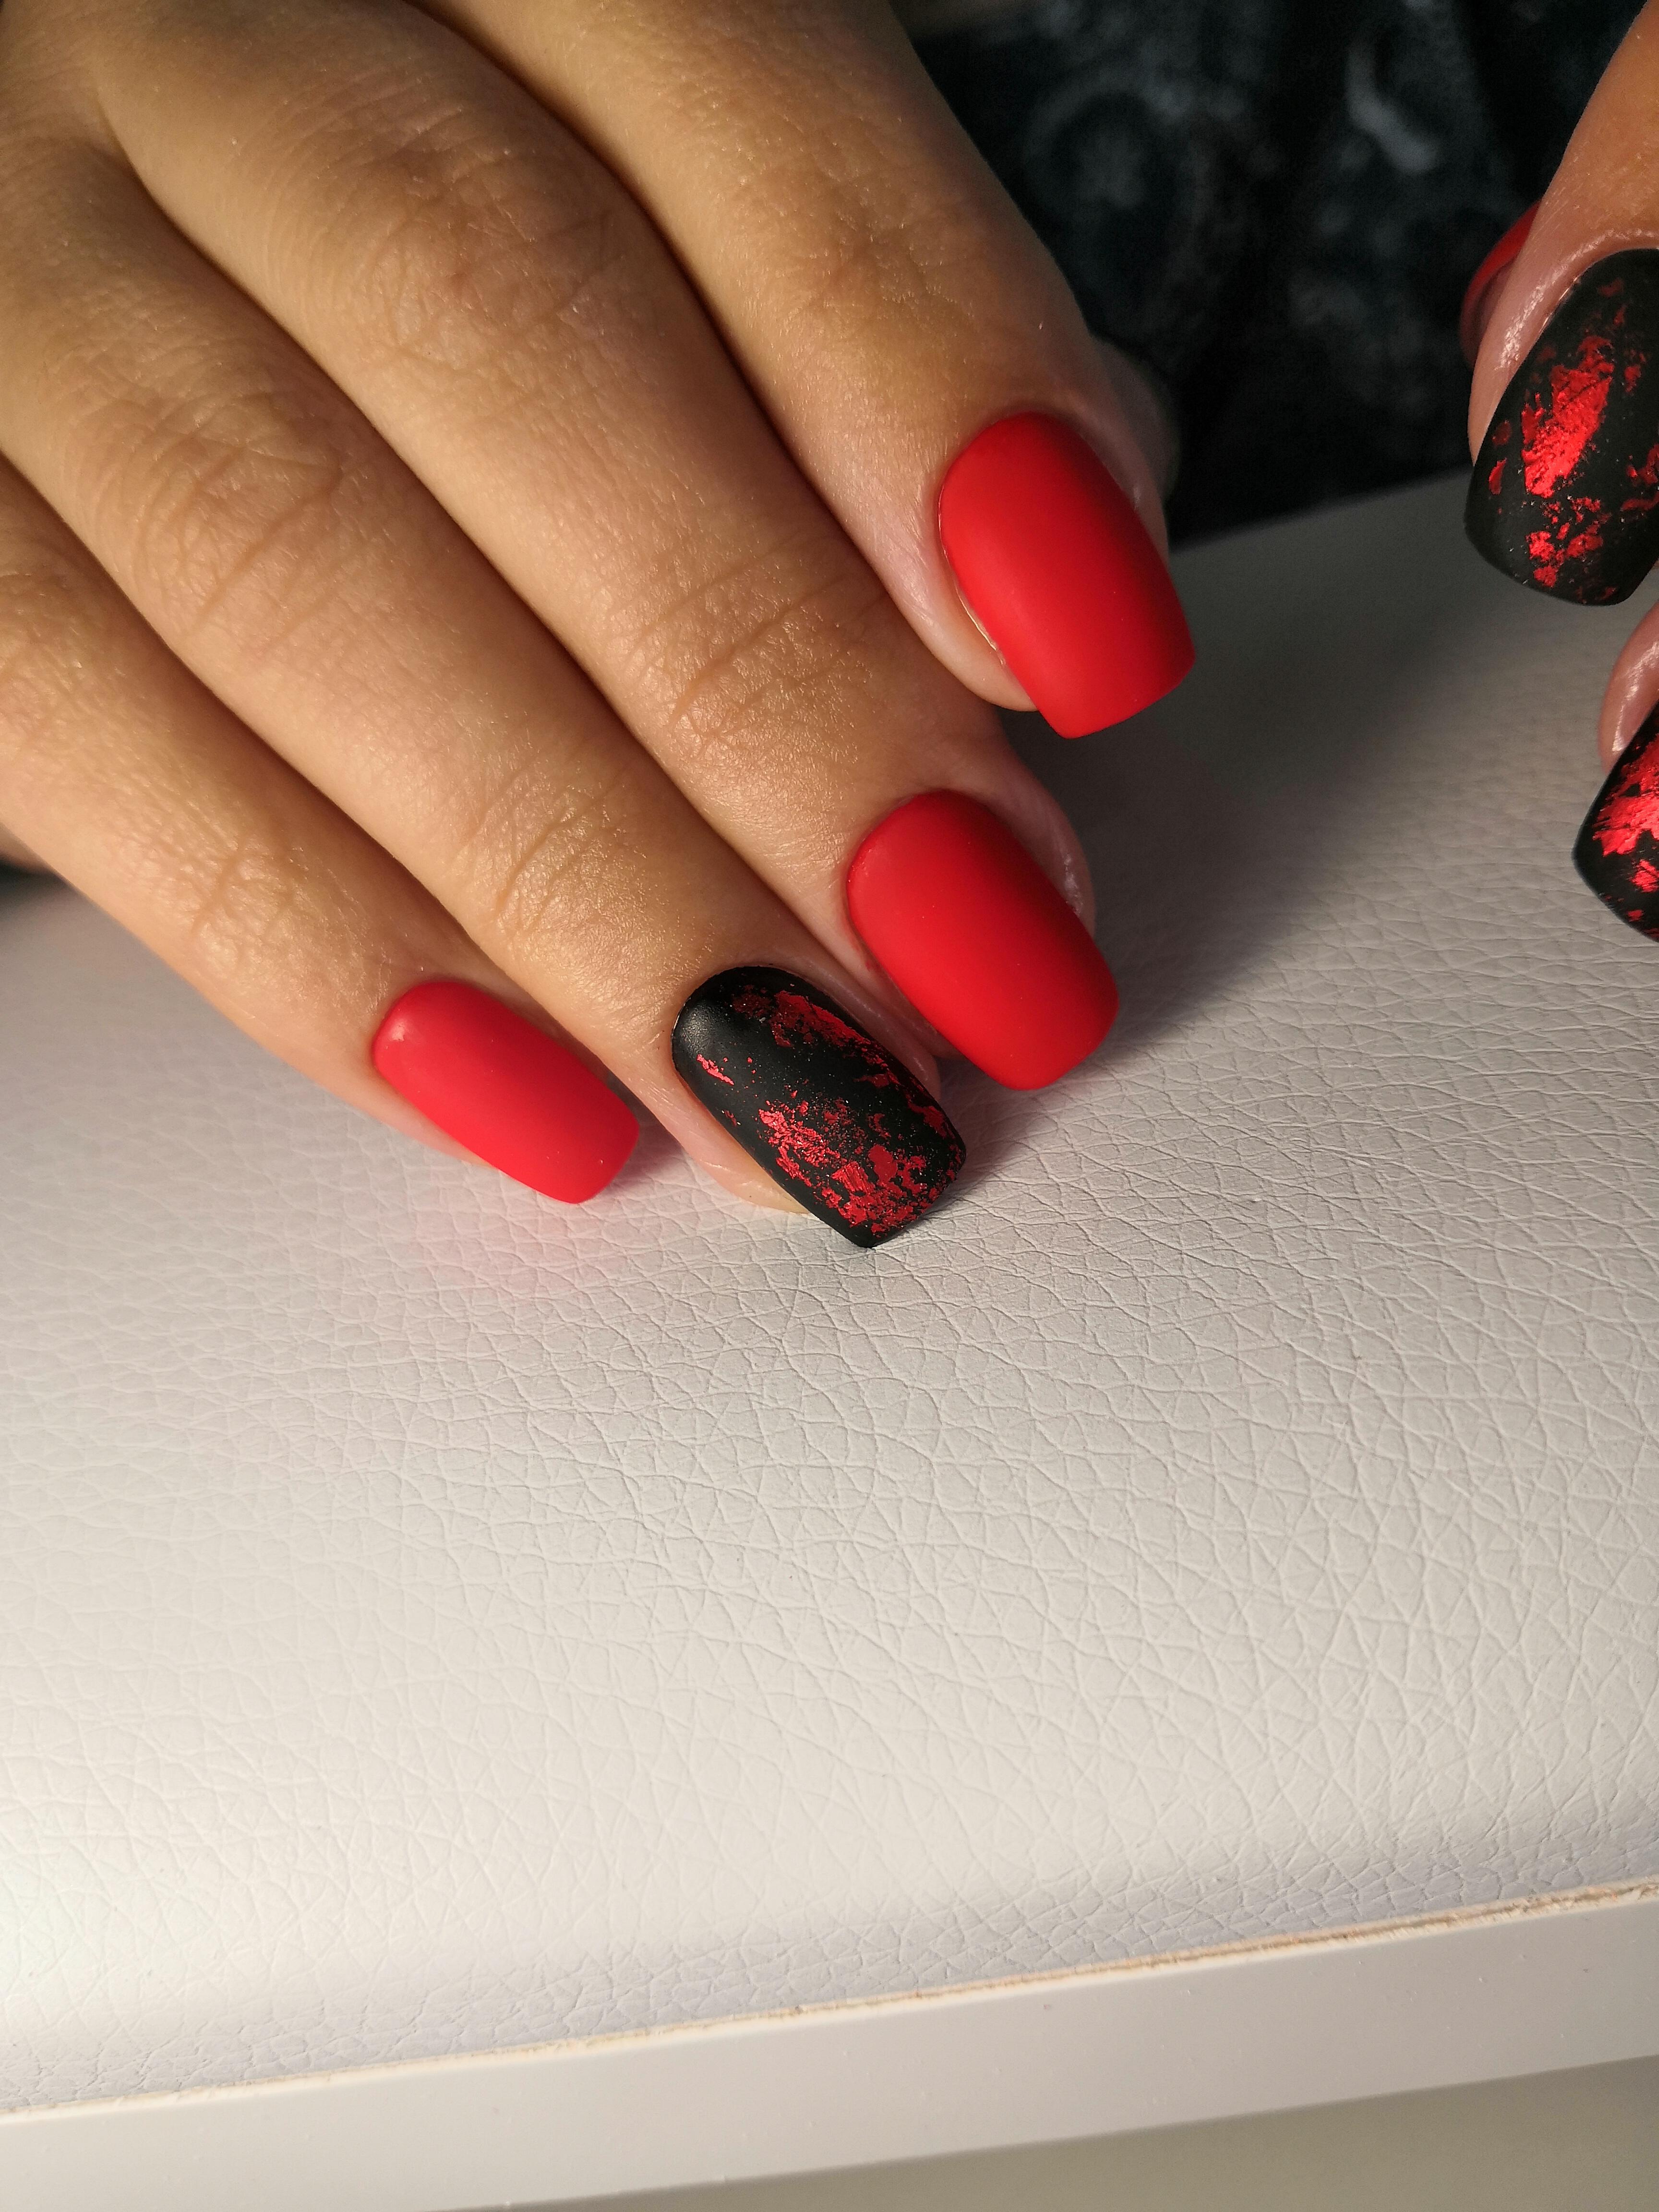 Маникюр с фольгой в красно-чёрном цвете